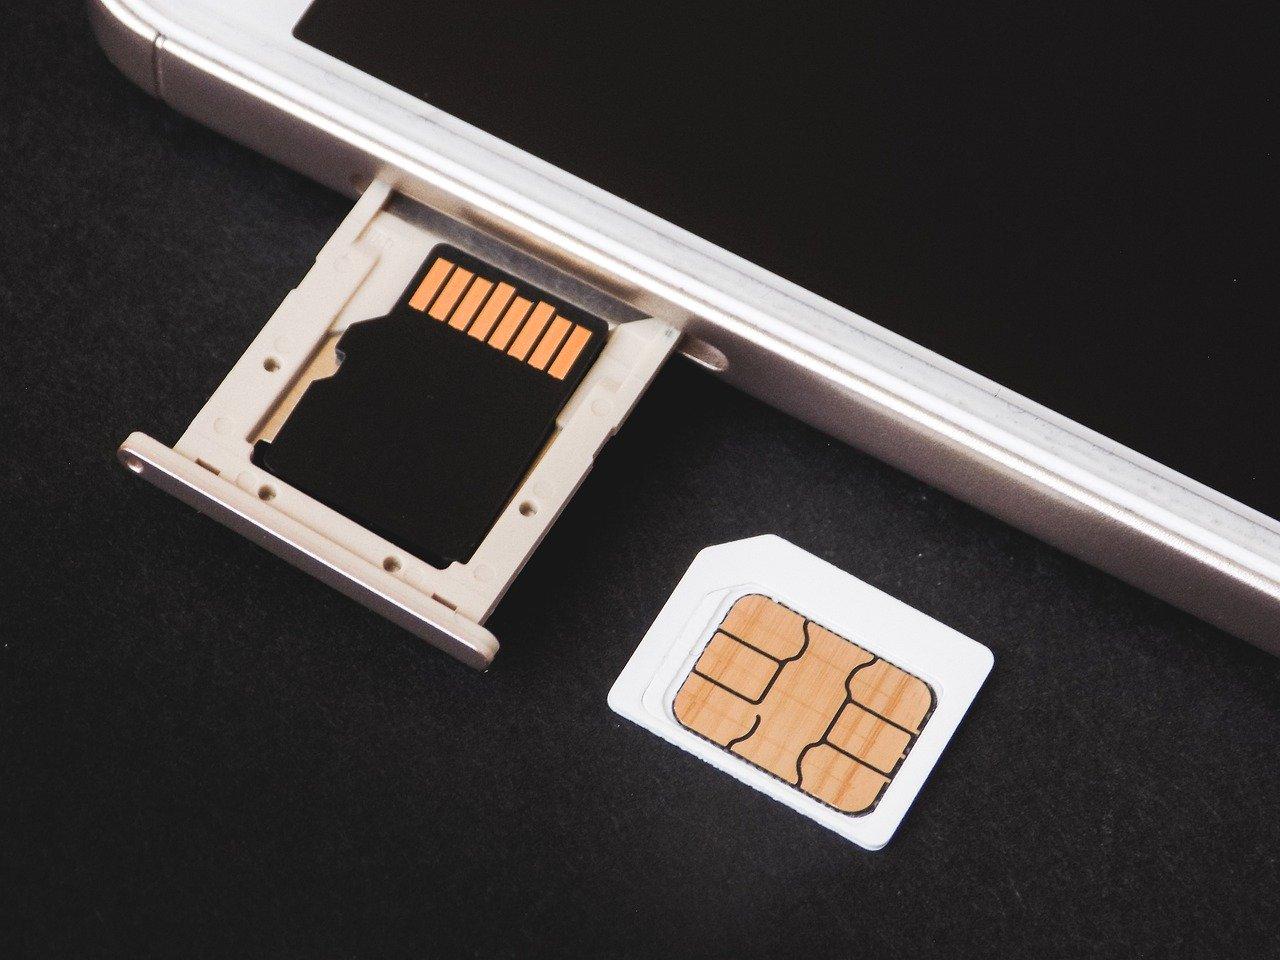 格安SIMとは何か?【デメリットや乗り換え方法まで教えます】